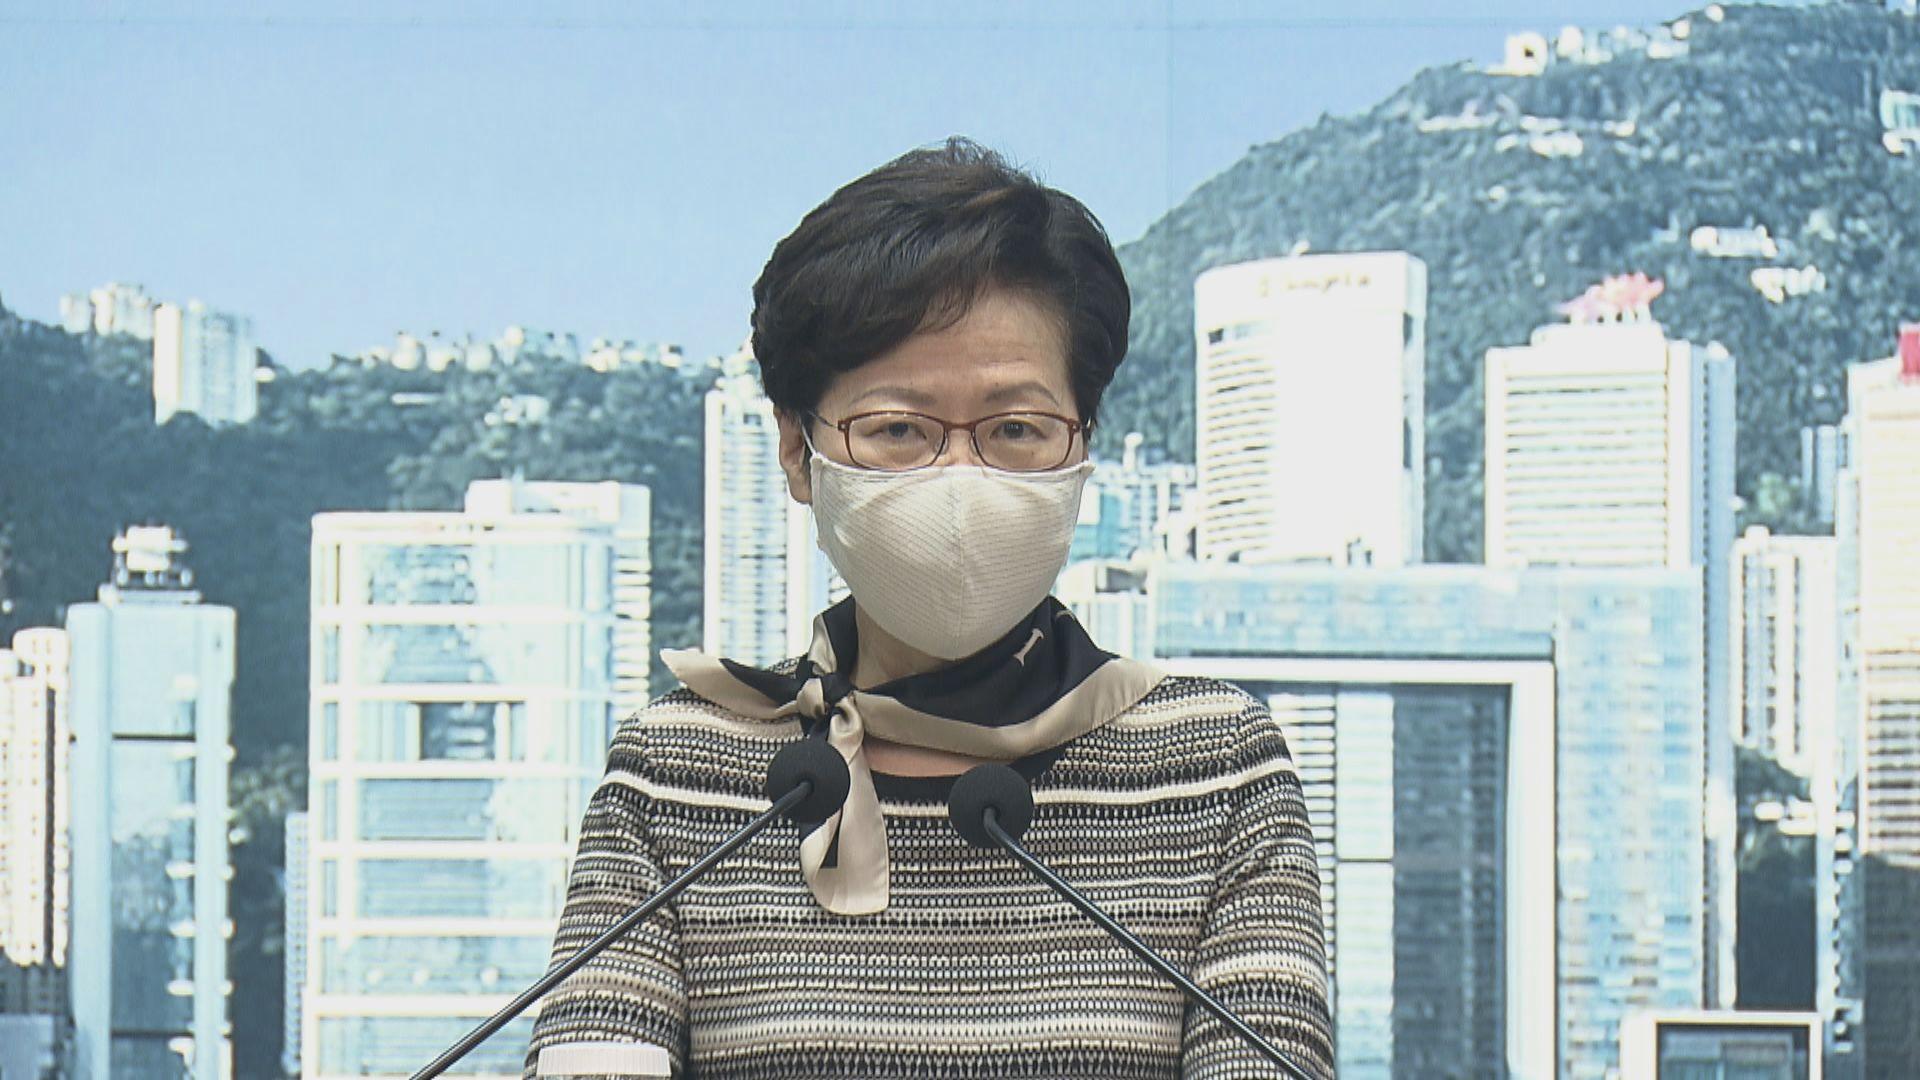 【最新】林鄭:暫無條件大幅放寬防疫措施